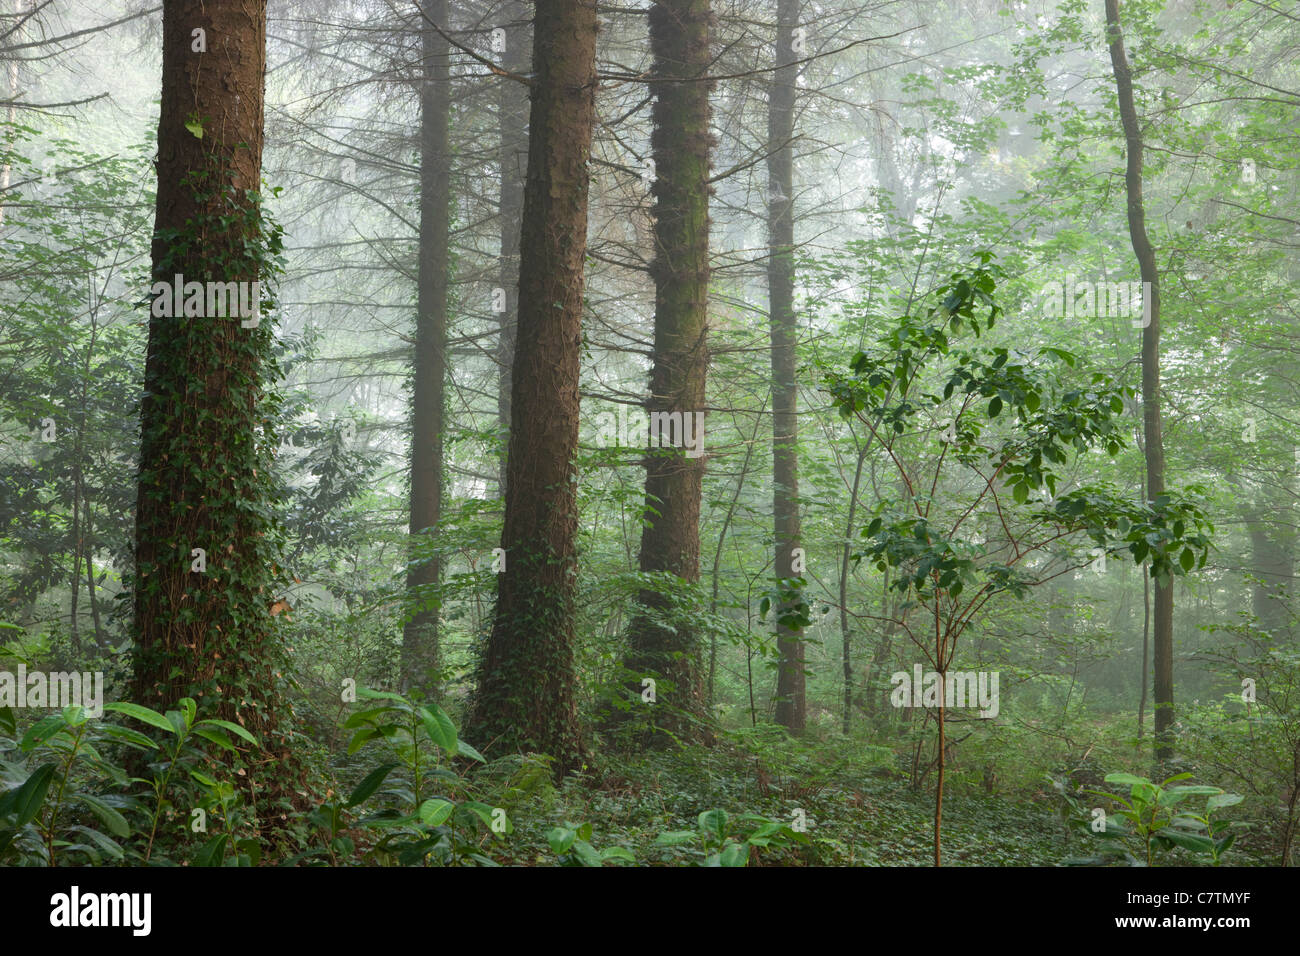 Misty matin d'été à l'intérieur d'un autre britannique, Morchard Bois, Devon, Angleterre. Photo Stock